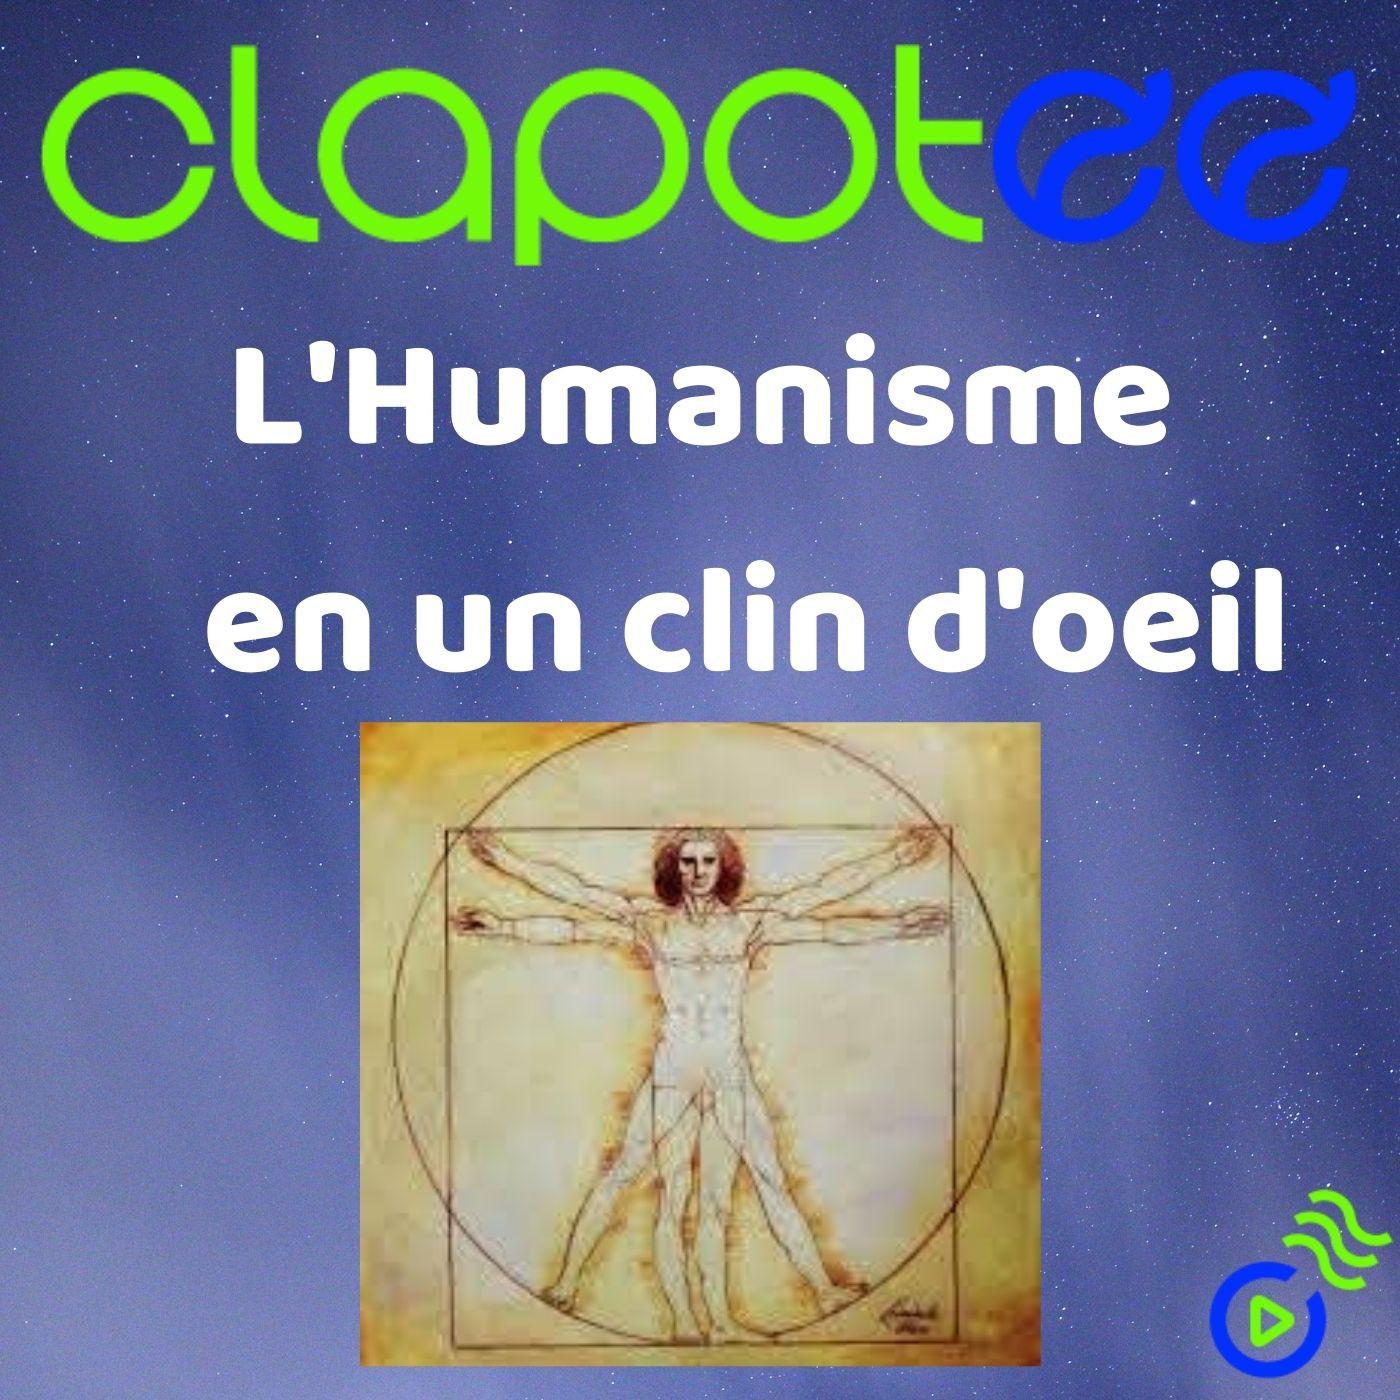 L'Humanisme en un clin d'oeil !